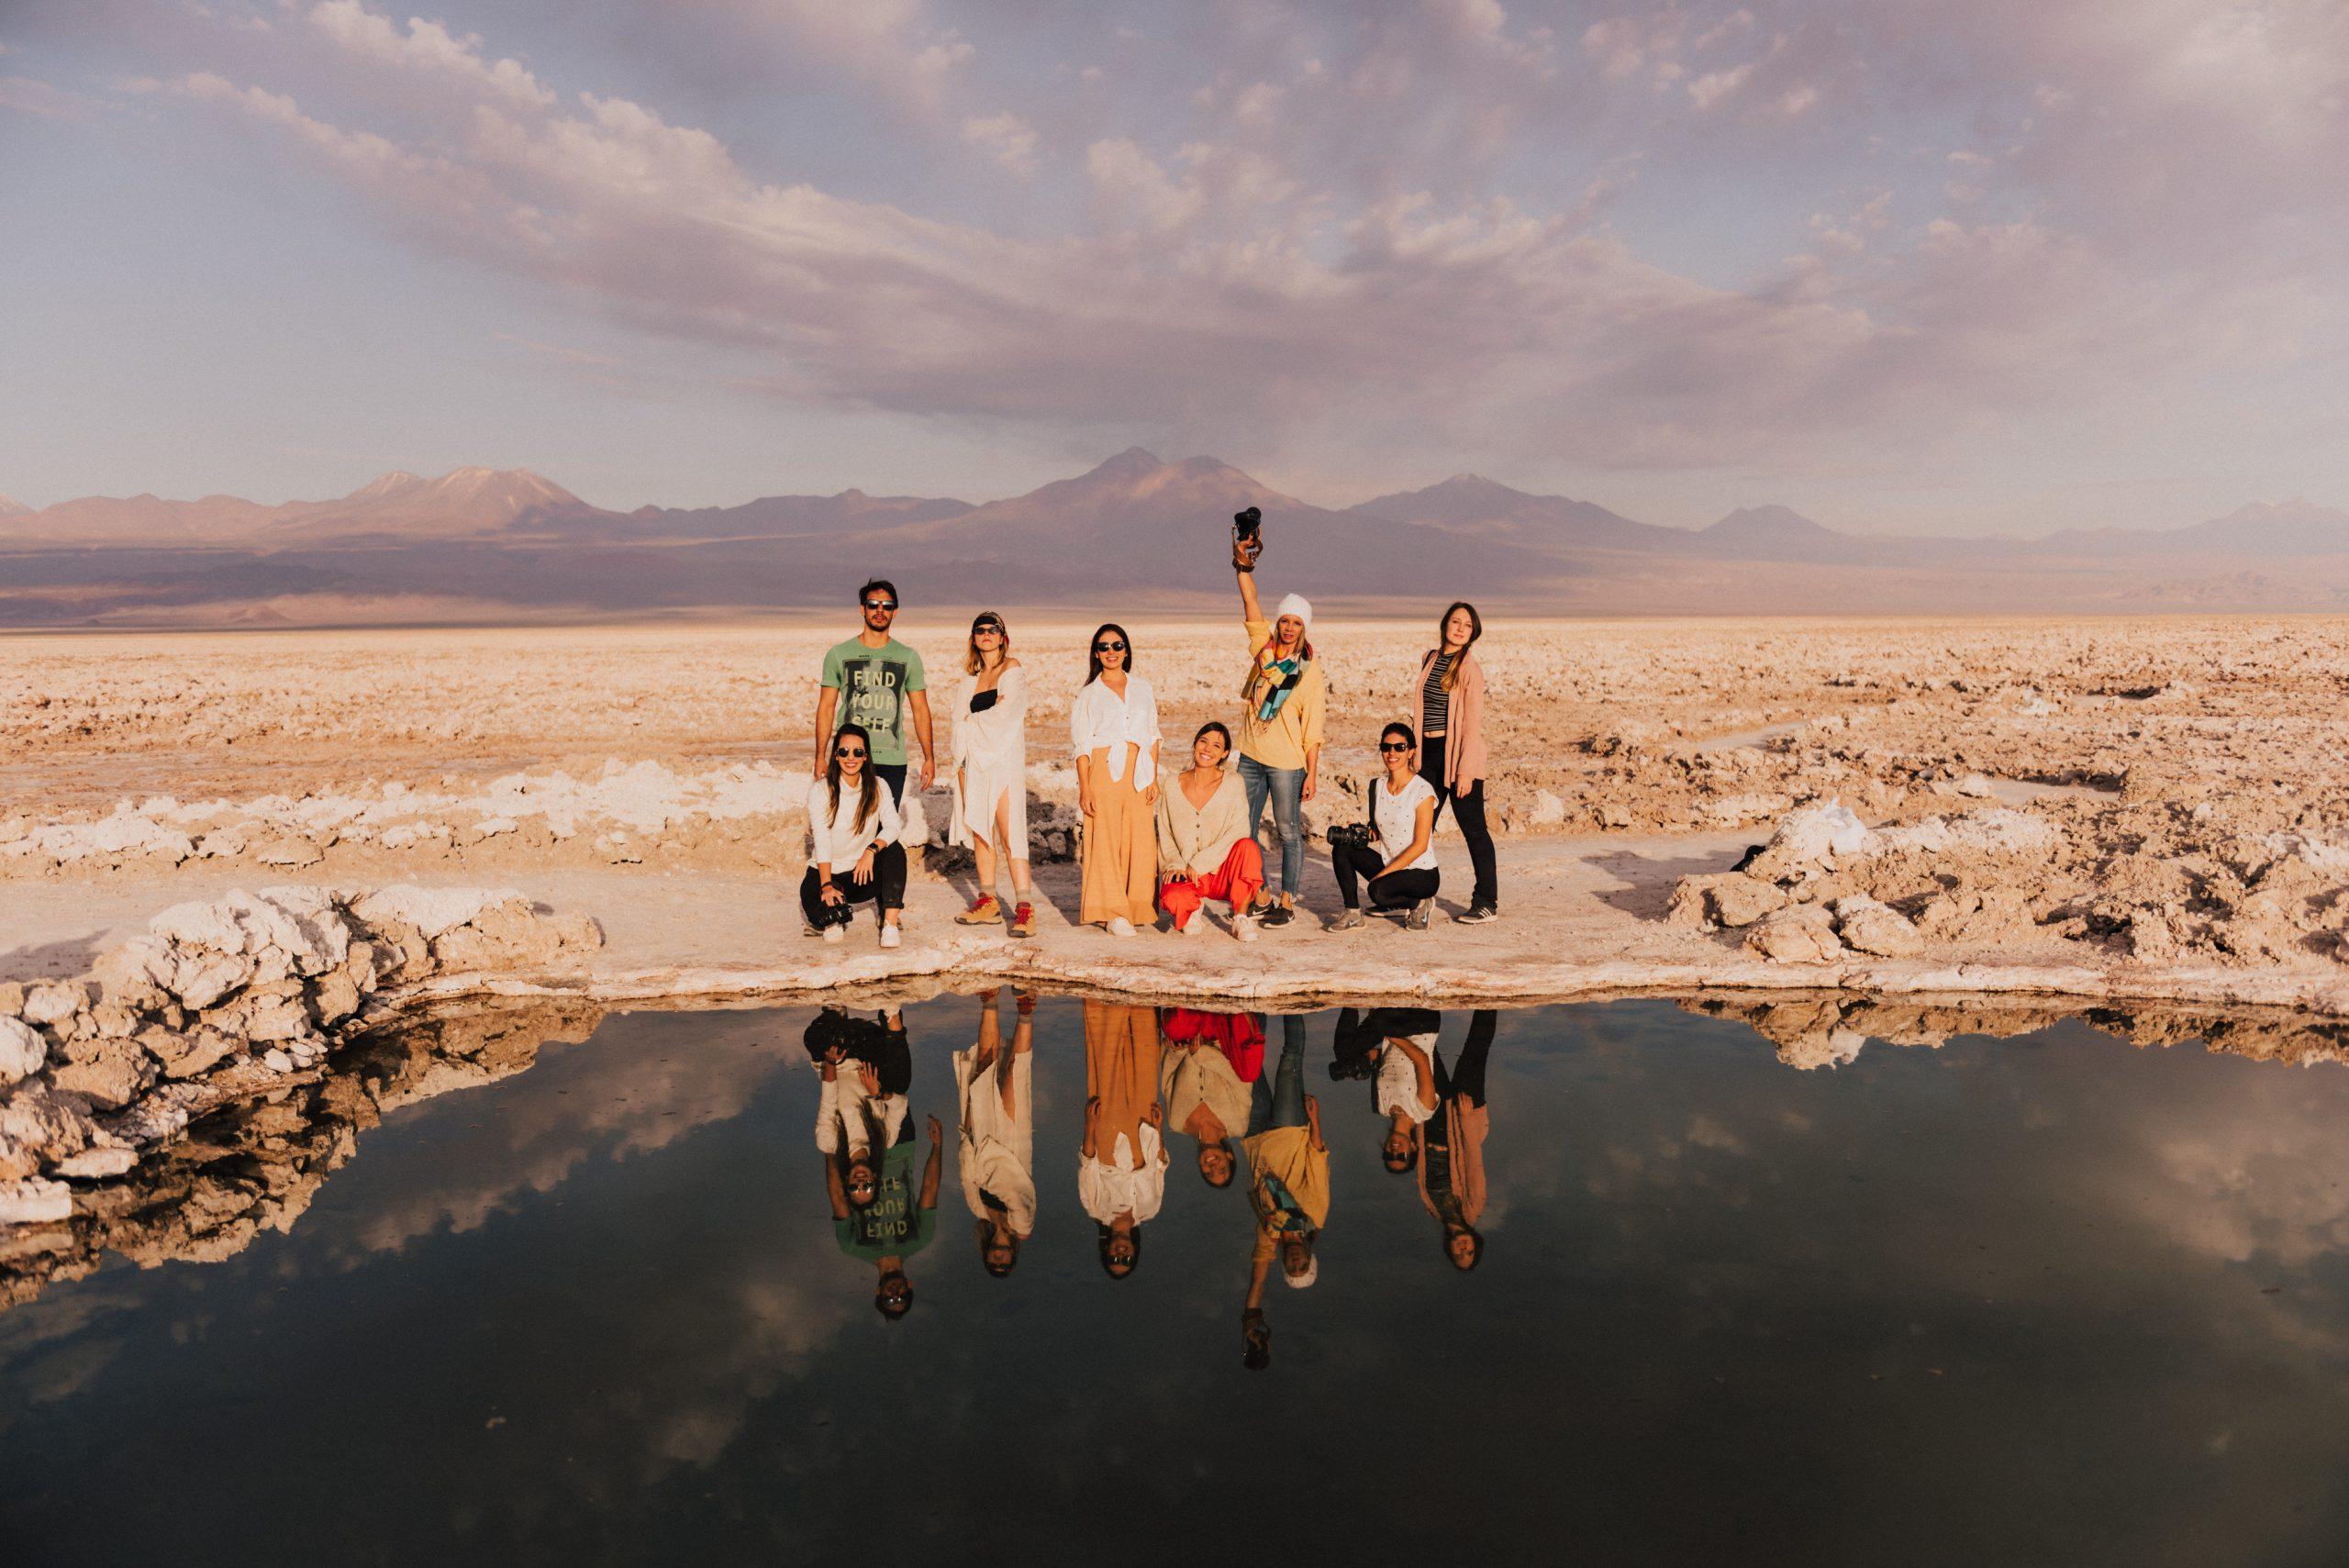 Viajar em Grupo: Conheça como funcionam as Expedições da Welcome Trips